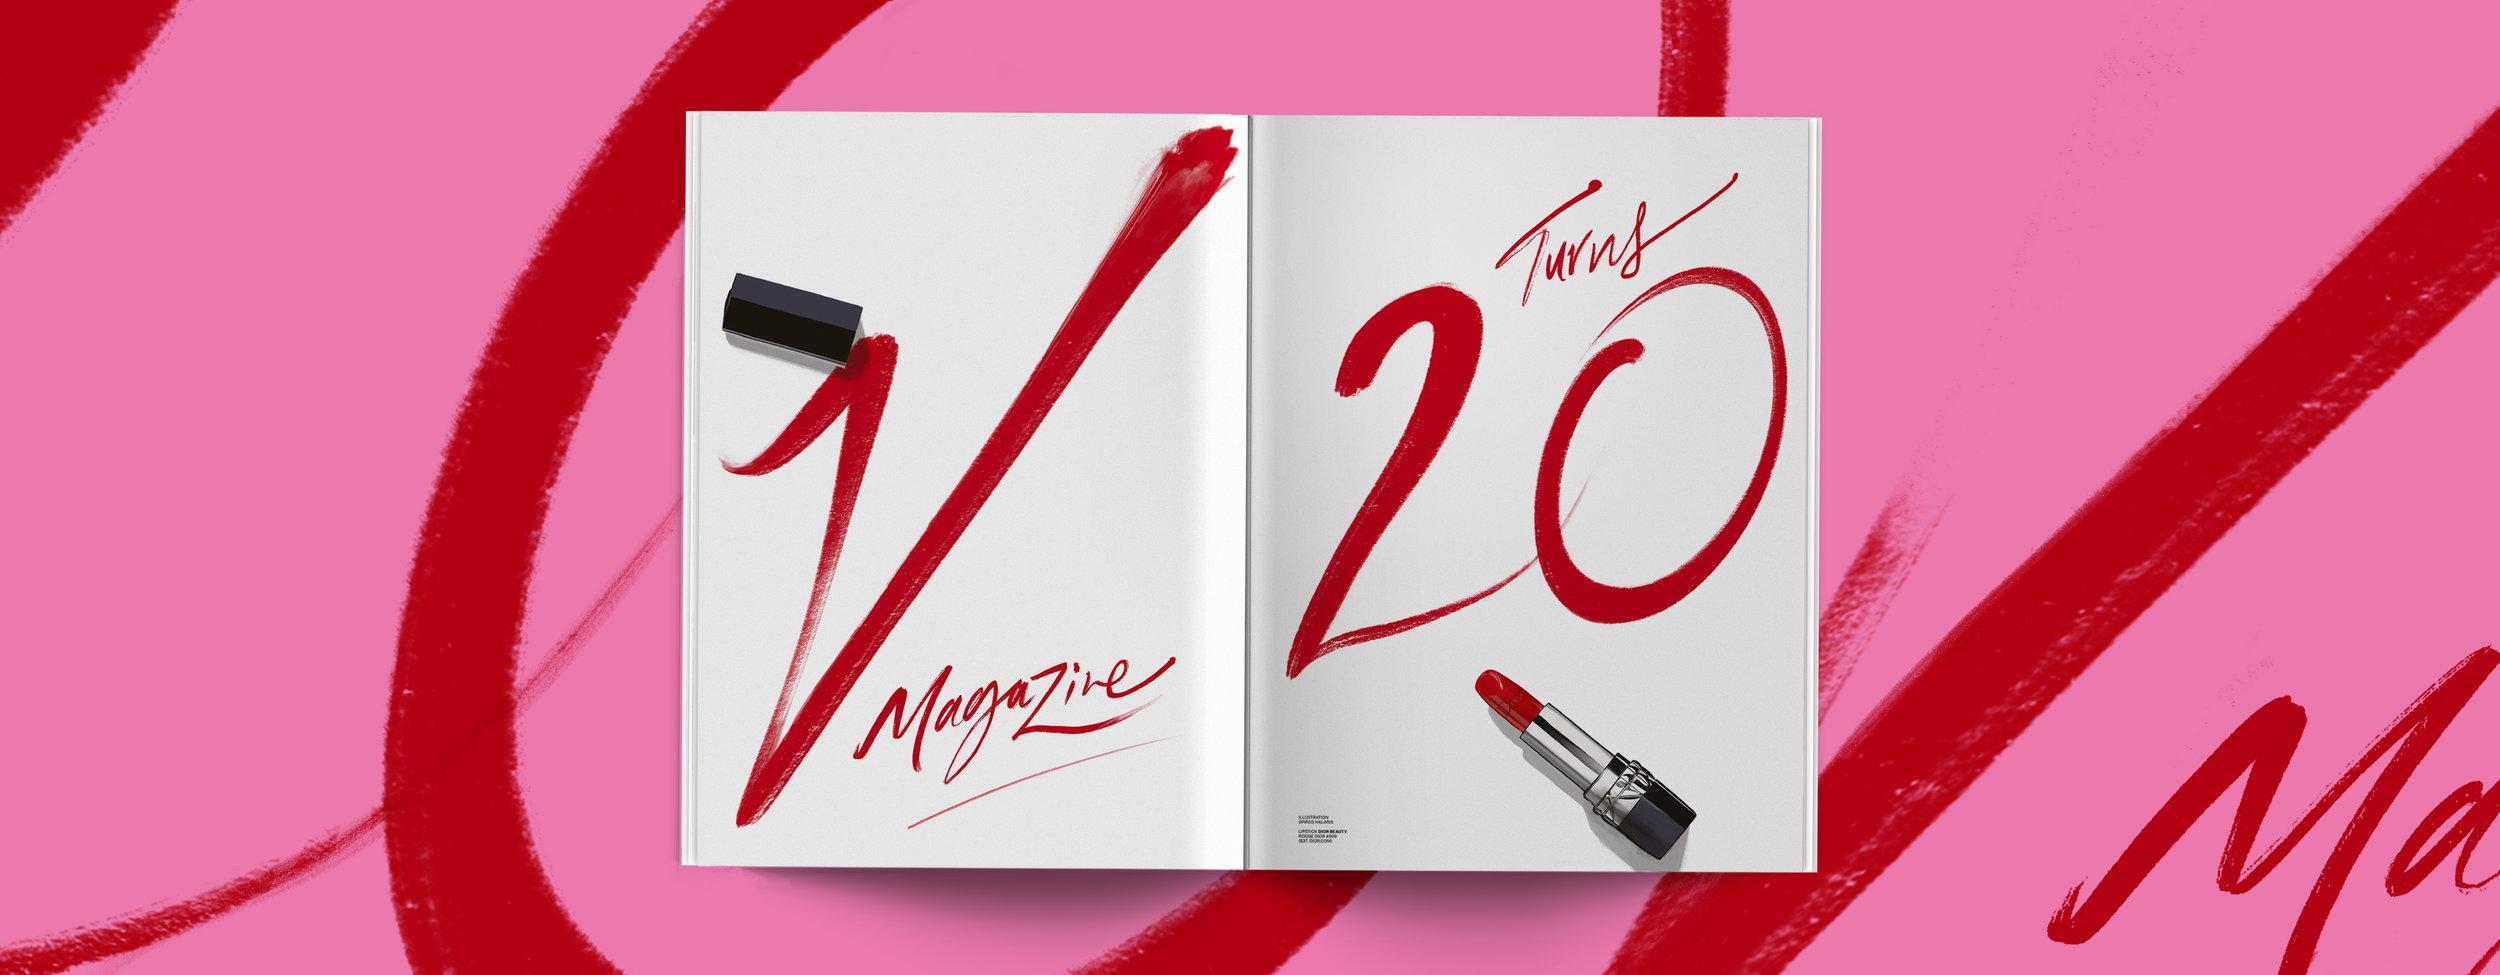 V MAGAZINE  -  DIOR, Lipstick Typography